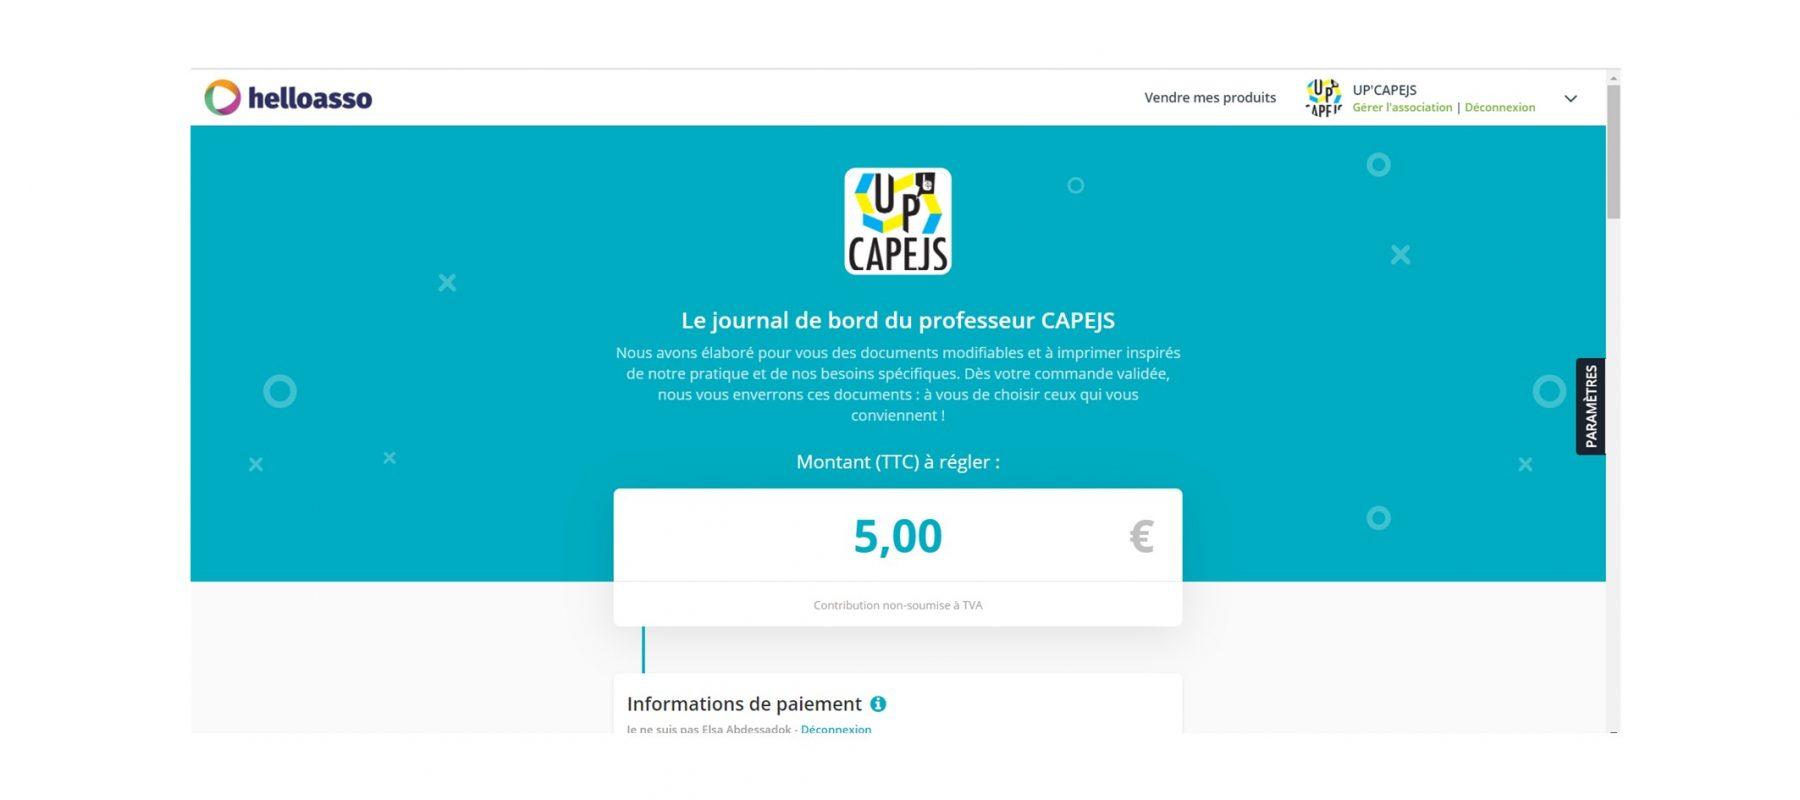 Le journal de bord d'UP'CAPEJS 2021-2022